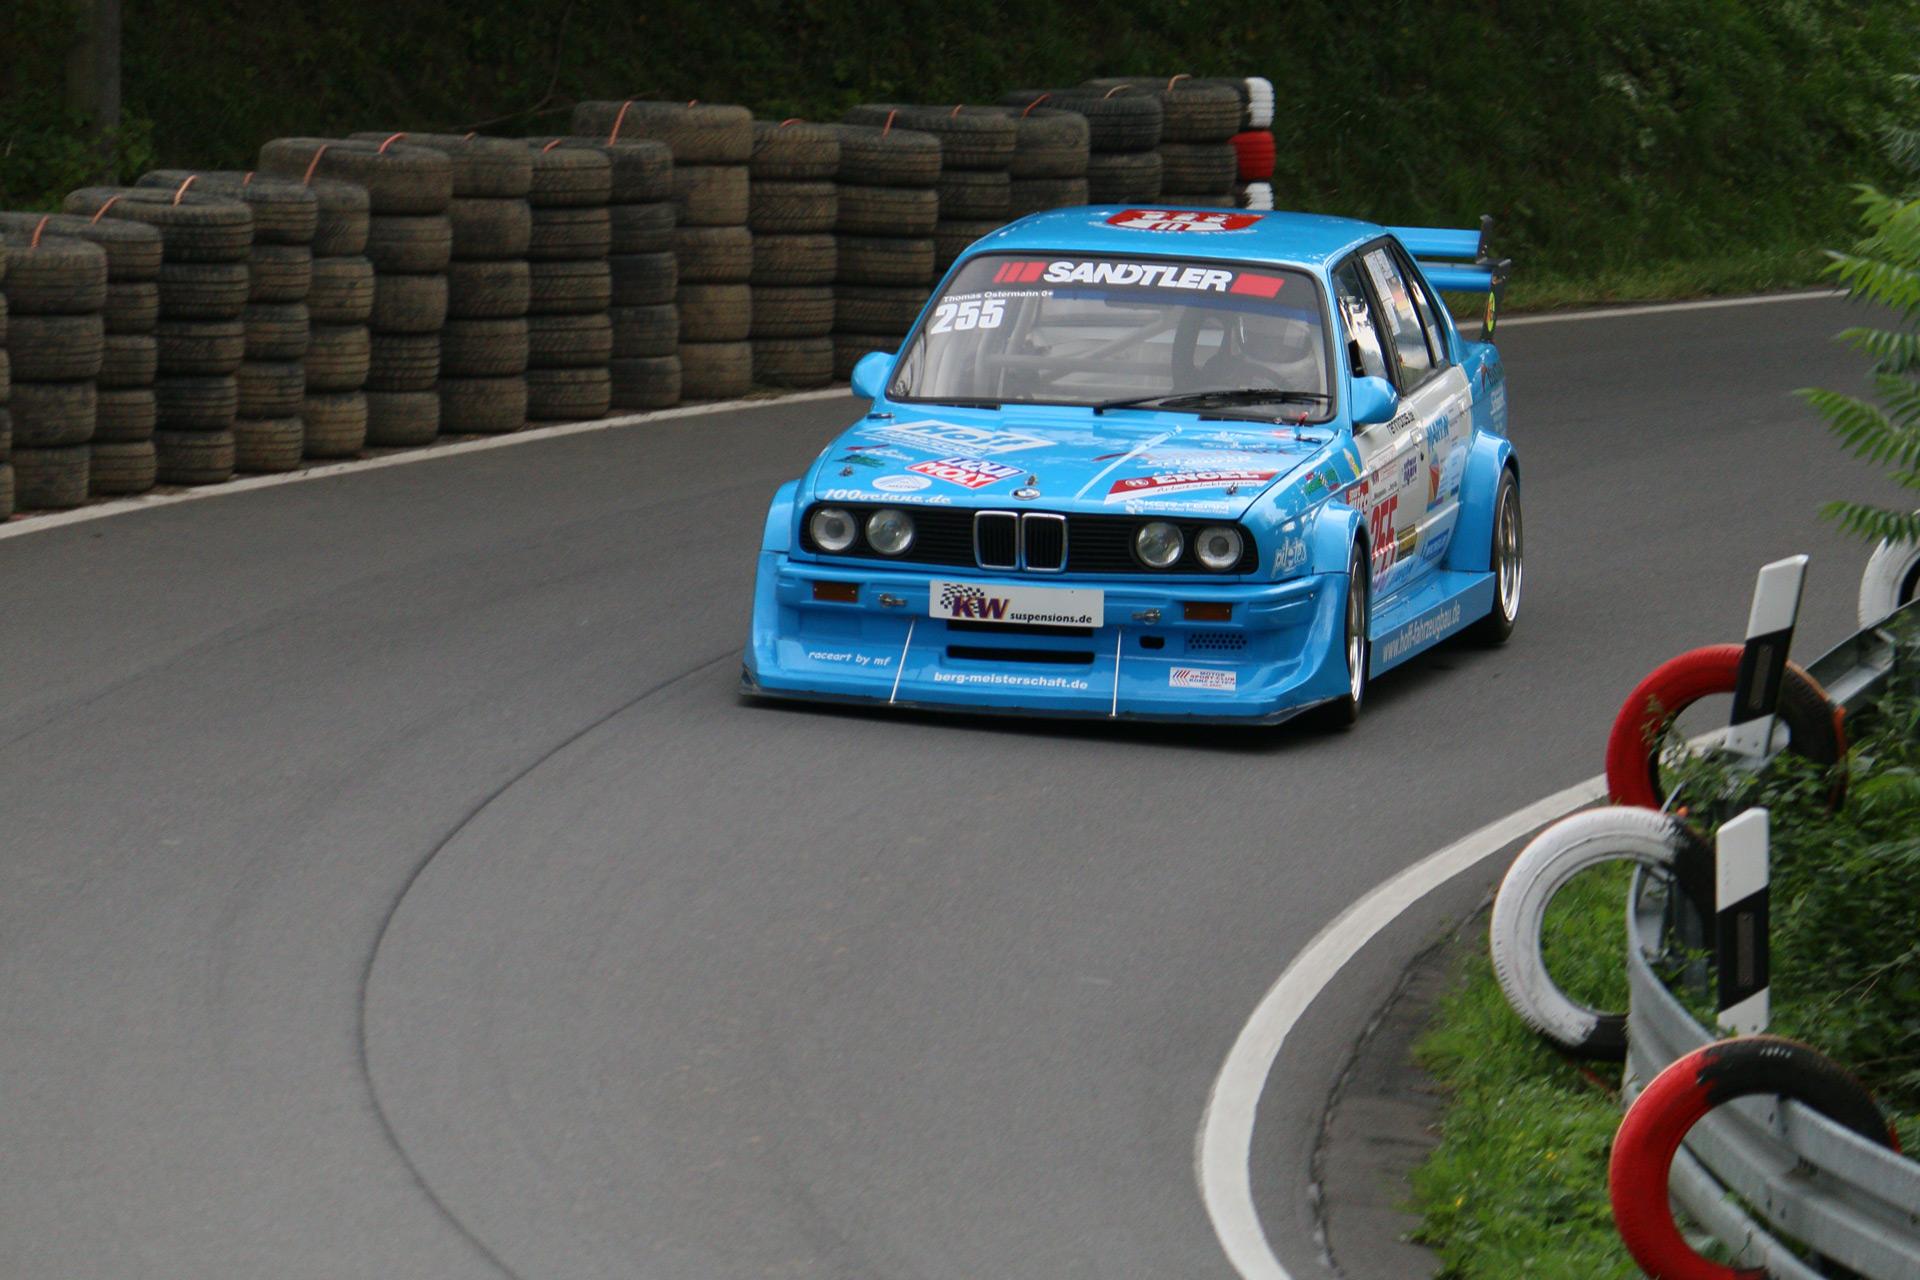 Die Herbert Hartge GmbH & Co. KG ist ein Fahrzeugtuner und Kleinserienhersteller, der auf Fahrzeuge der Marken BMW und Mini spezialisiert ist.